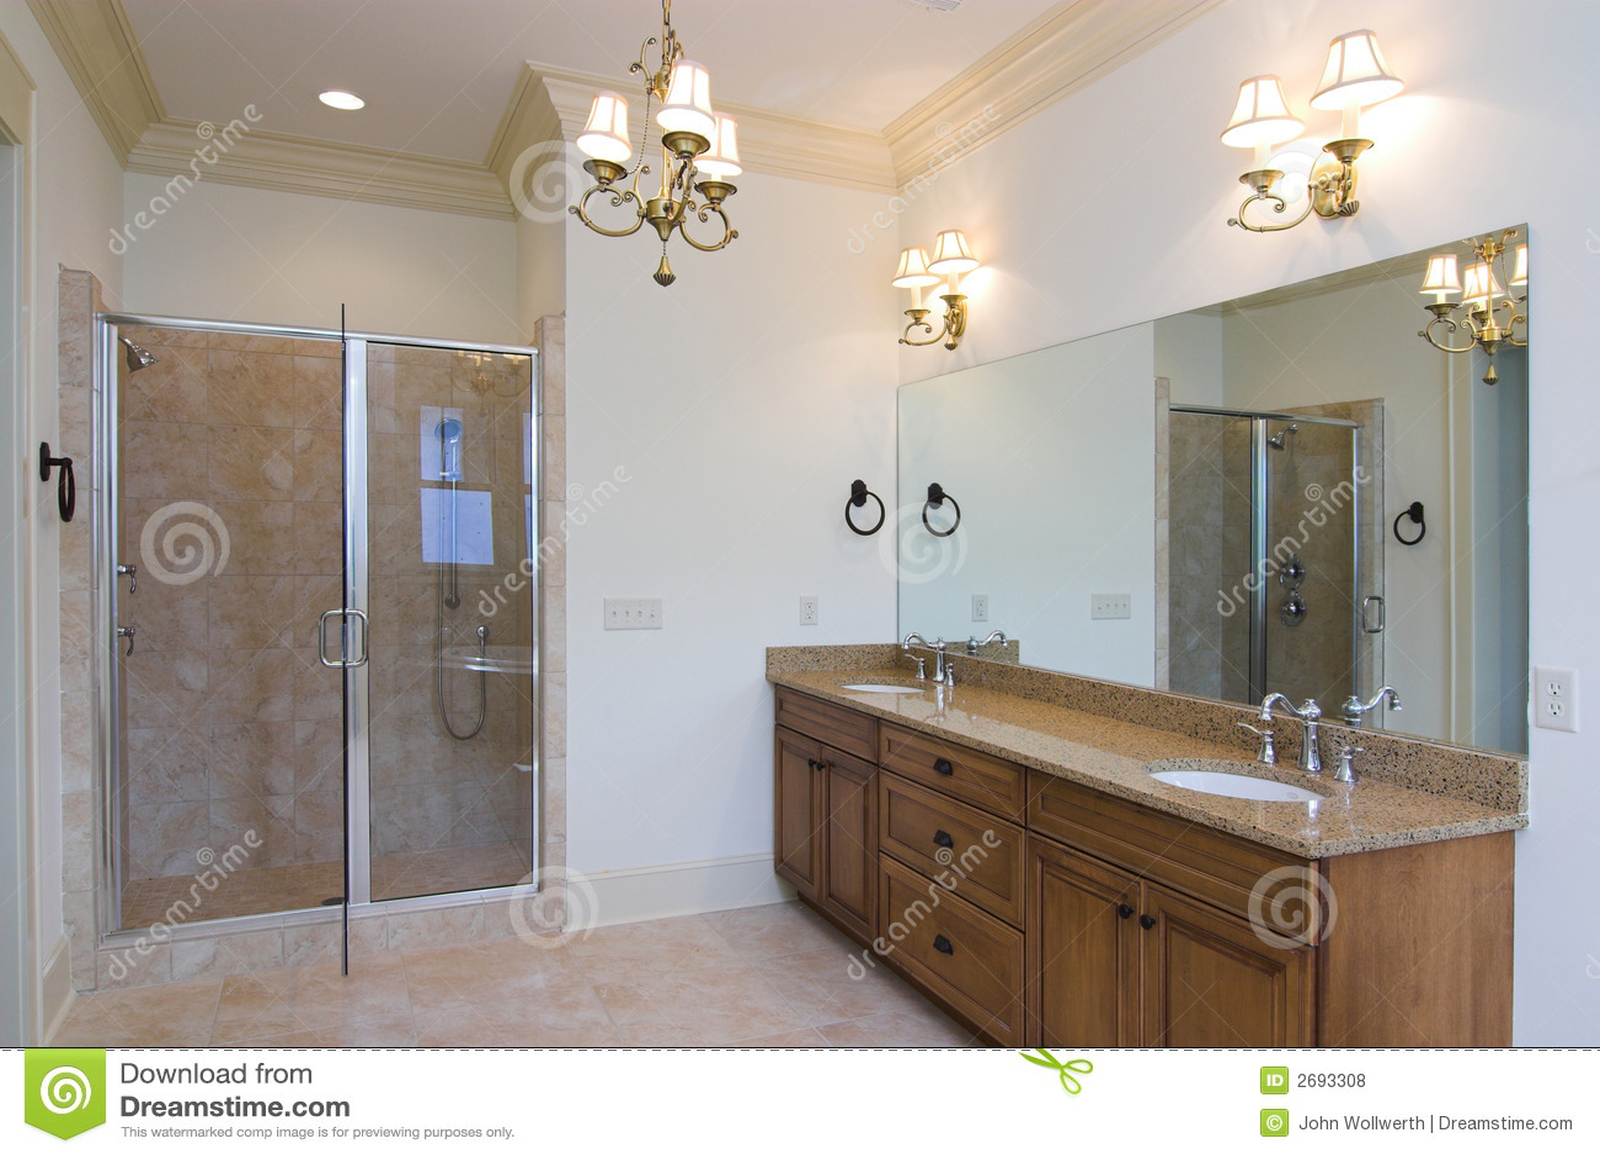 Cuba Banheiro Bloco Cad  gotoworldfrcom decoração de banheiro simples de pobre -> Bloco De Cuba De Banheiro Para Autocad